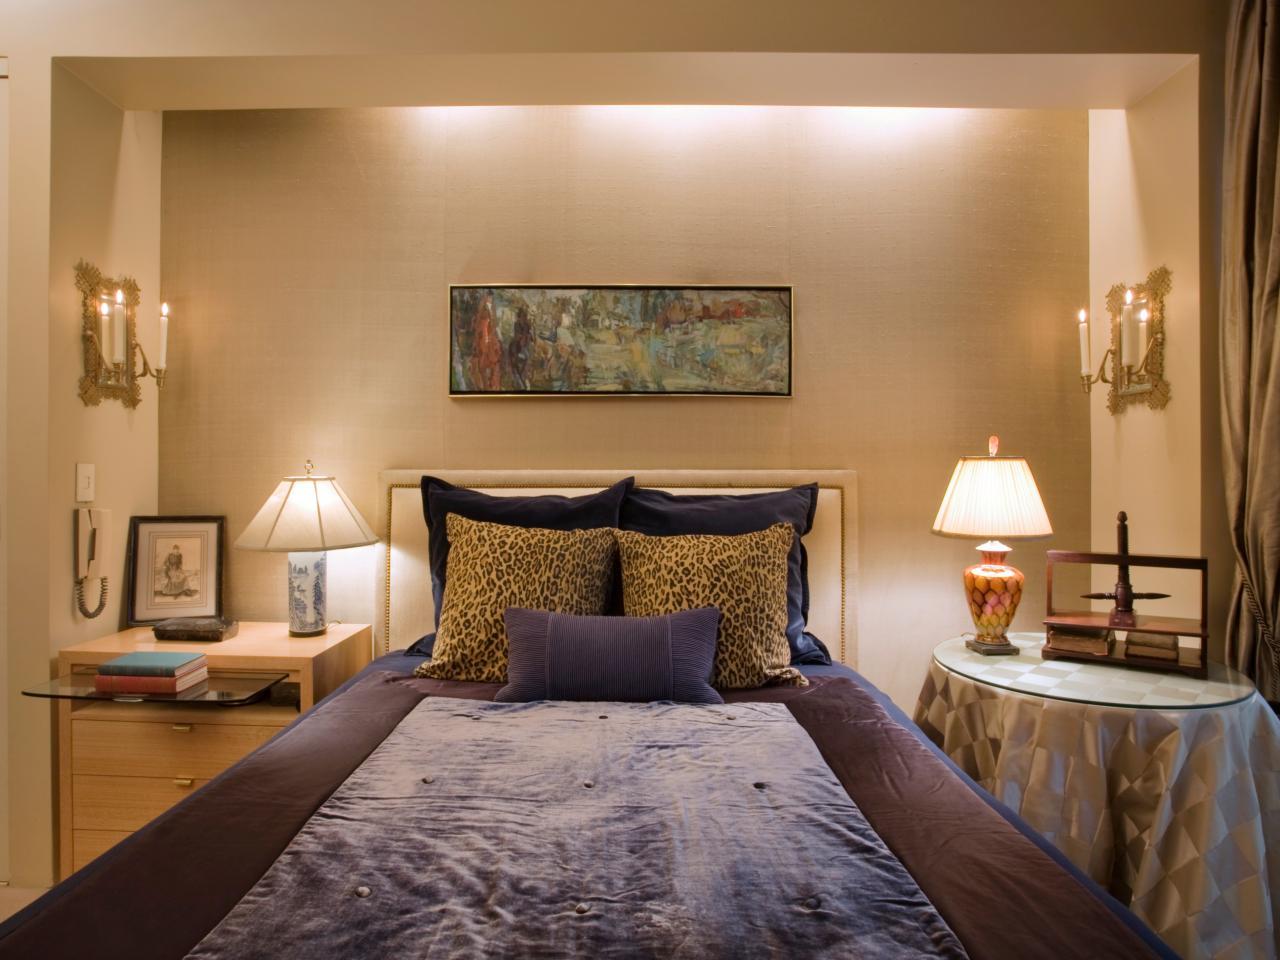 Картины над кроватью в спальне по фен шуй